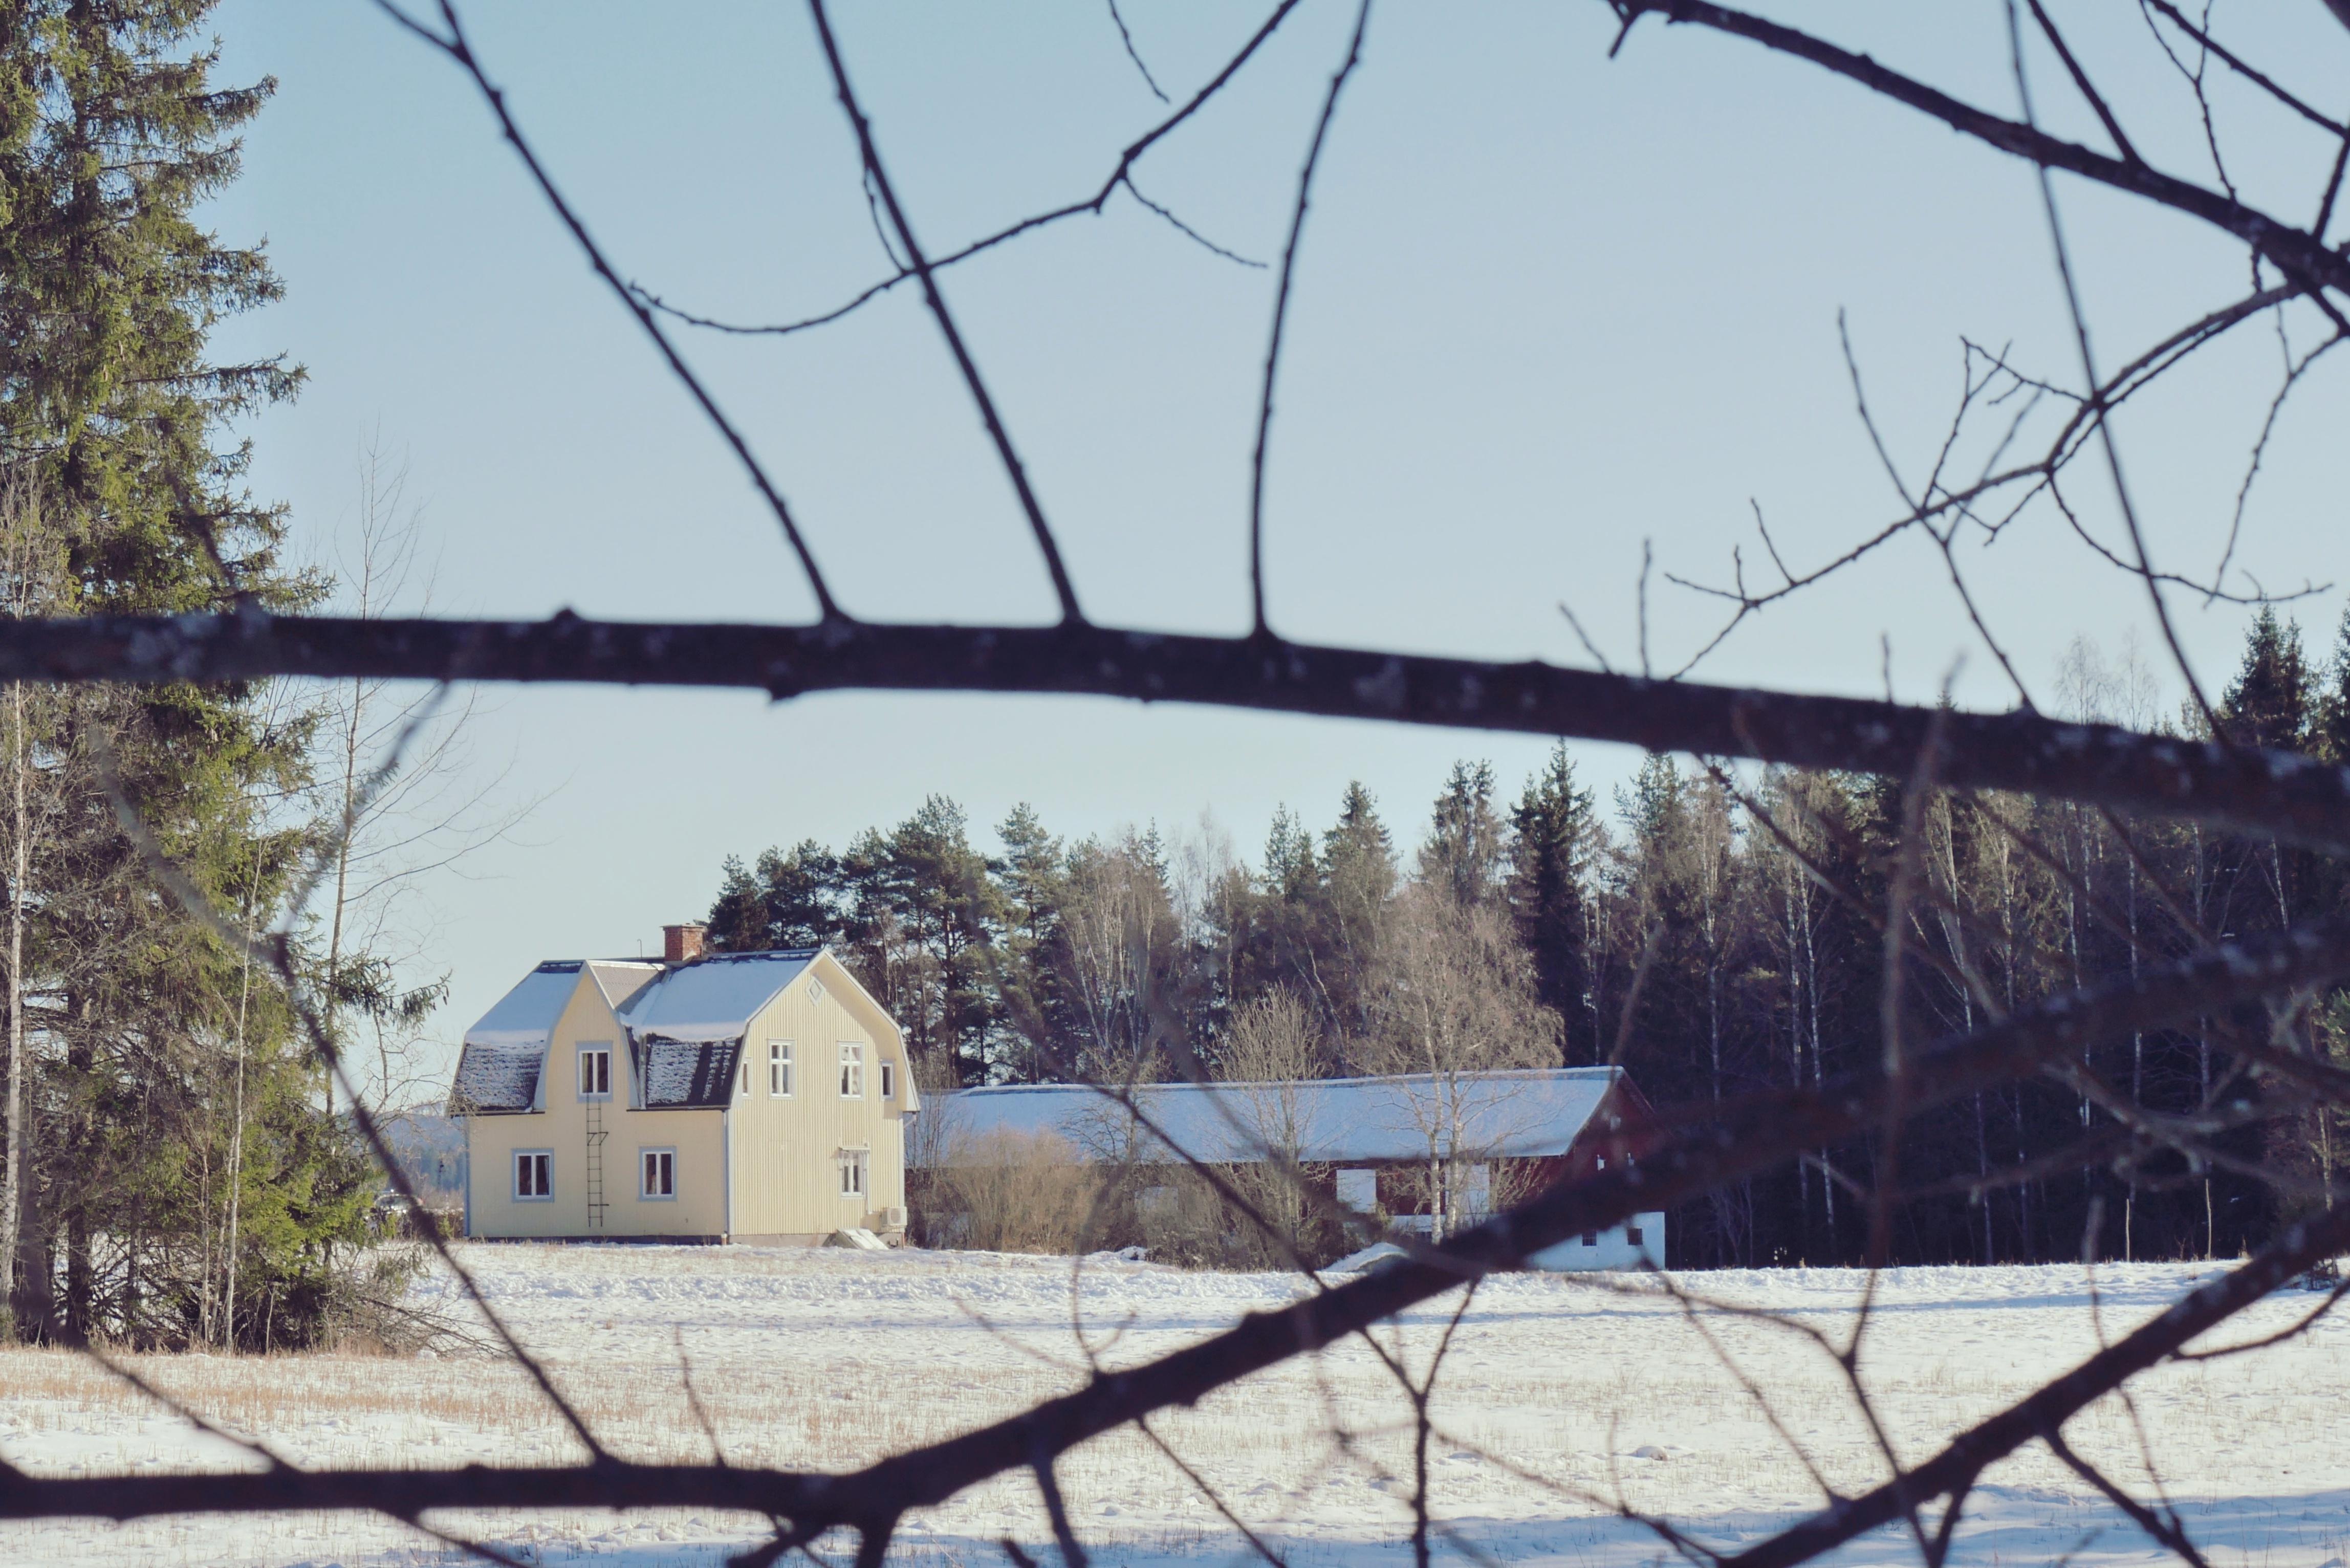 Sagen-winter-door-takken